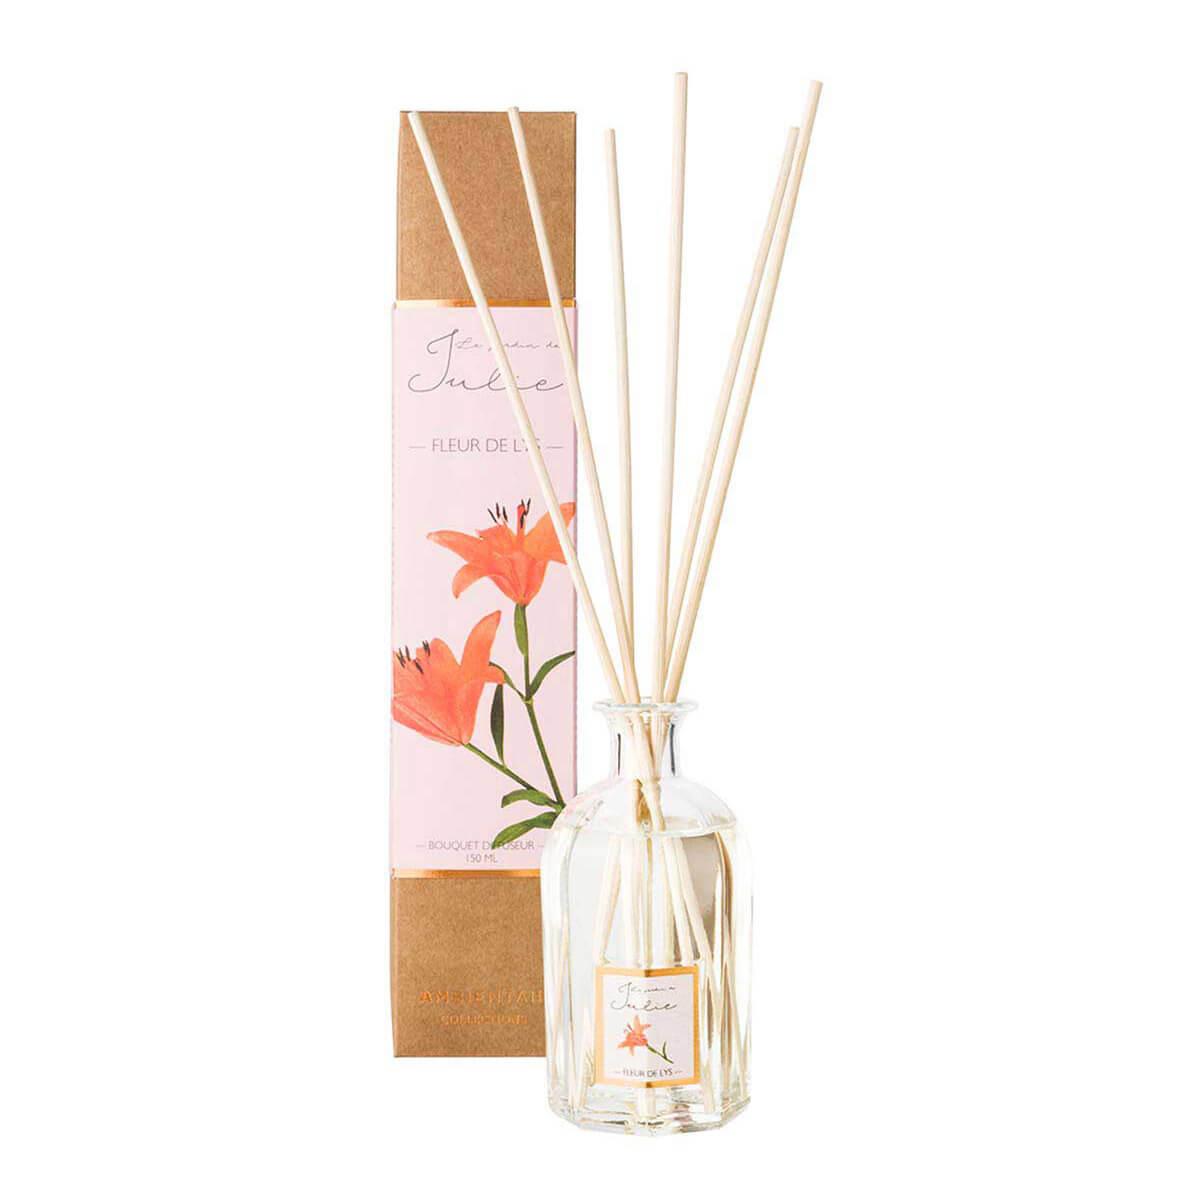 Julie-Bouquet-diffuser-Aroma-Fleur-De-Lys-150ml